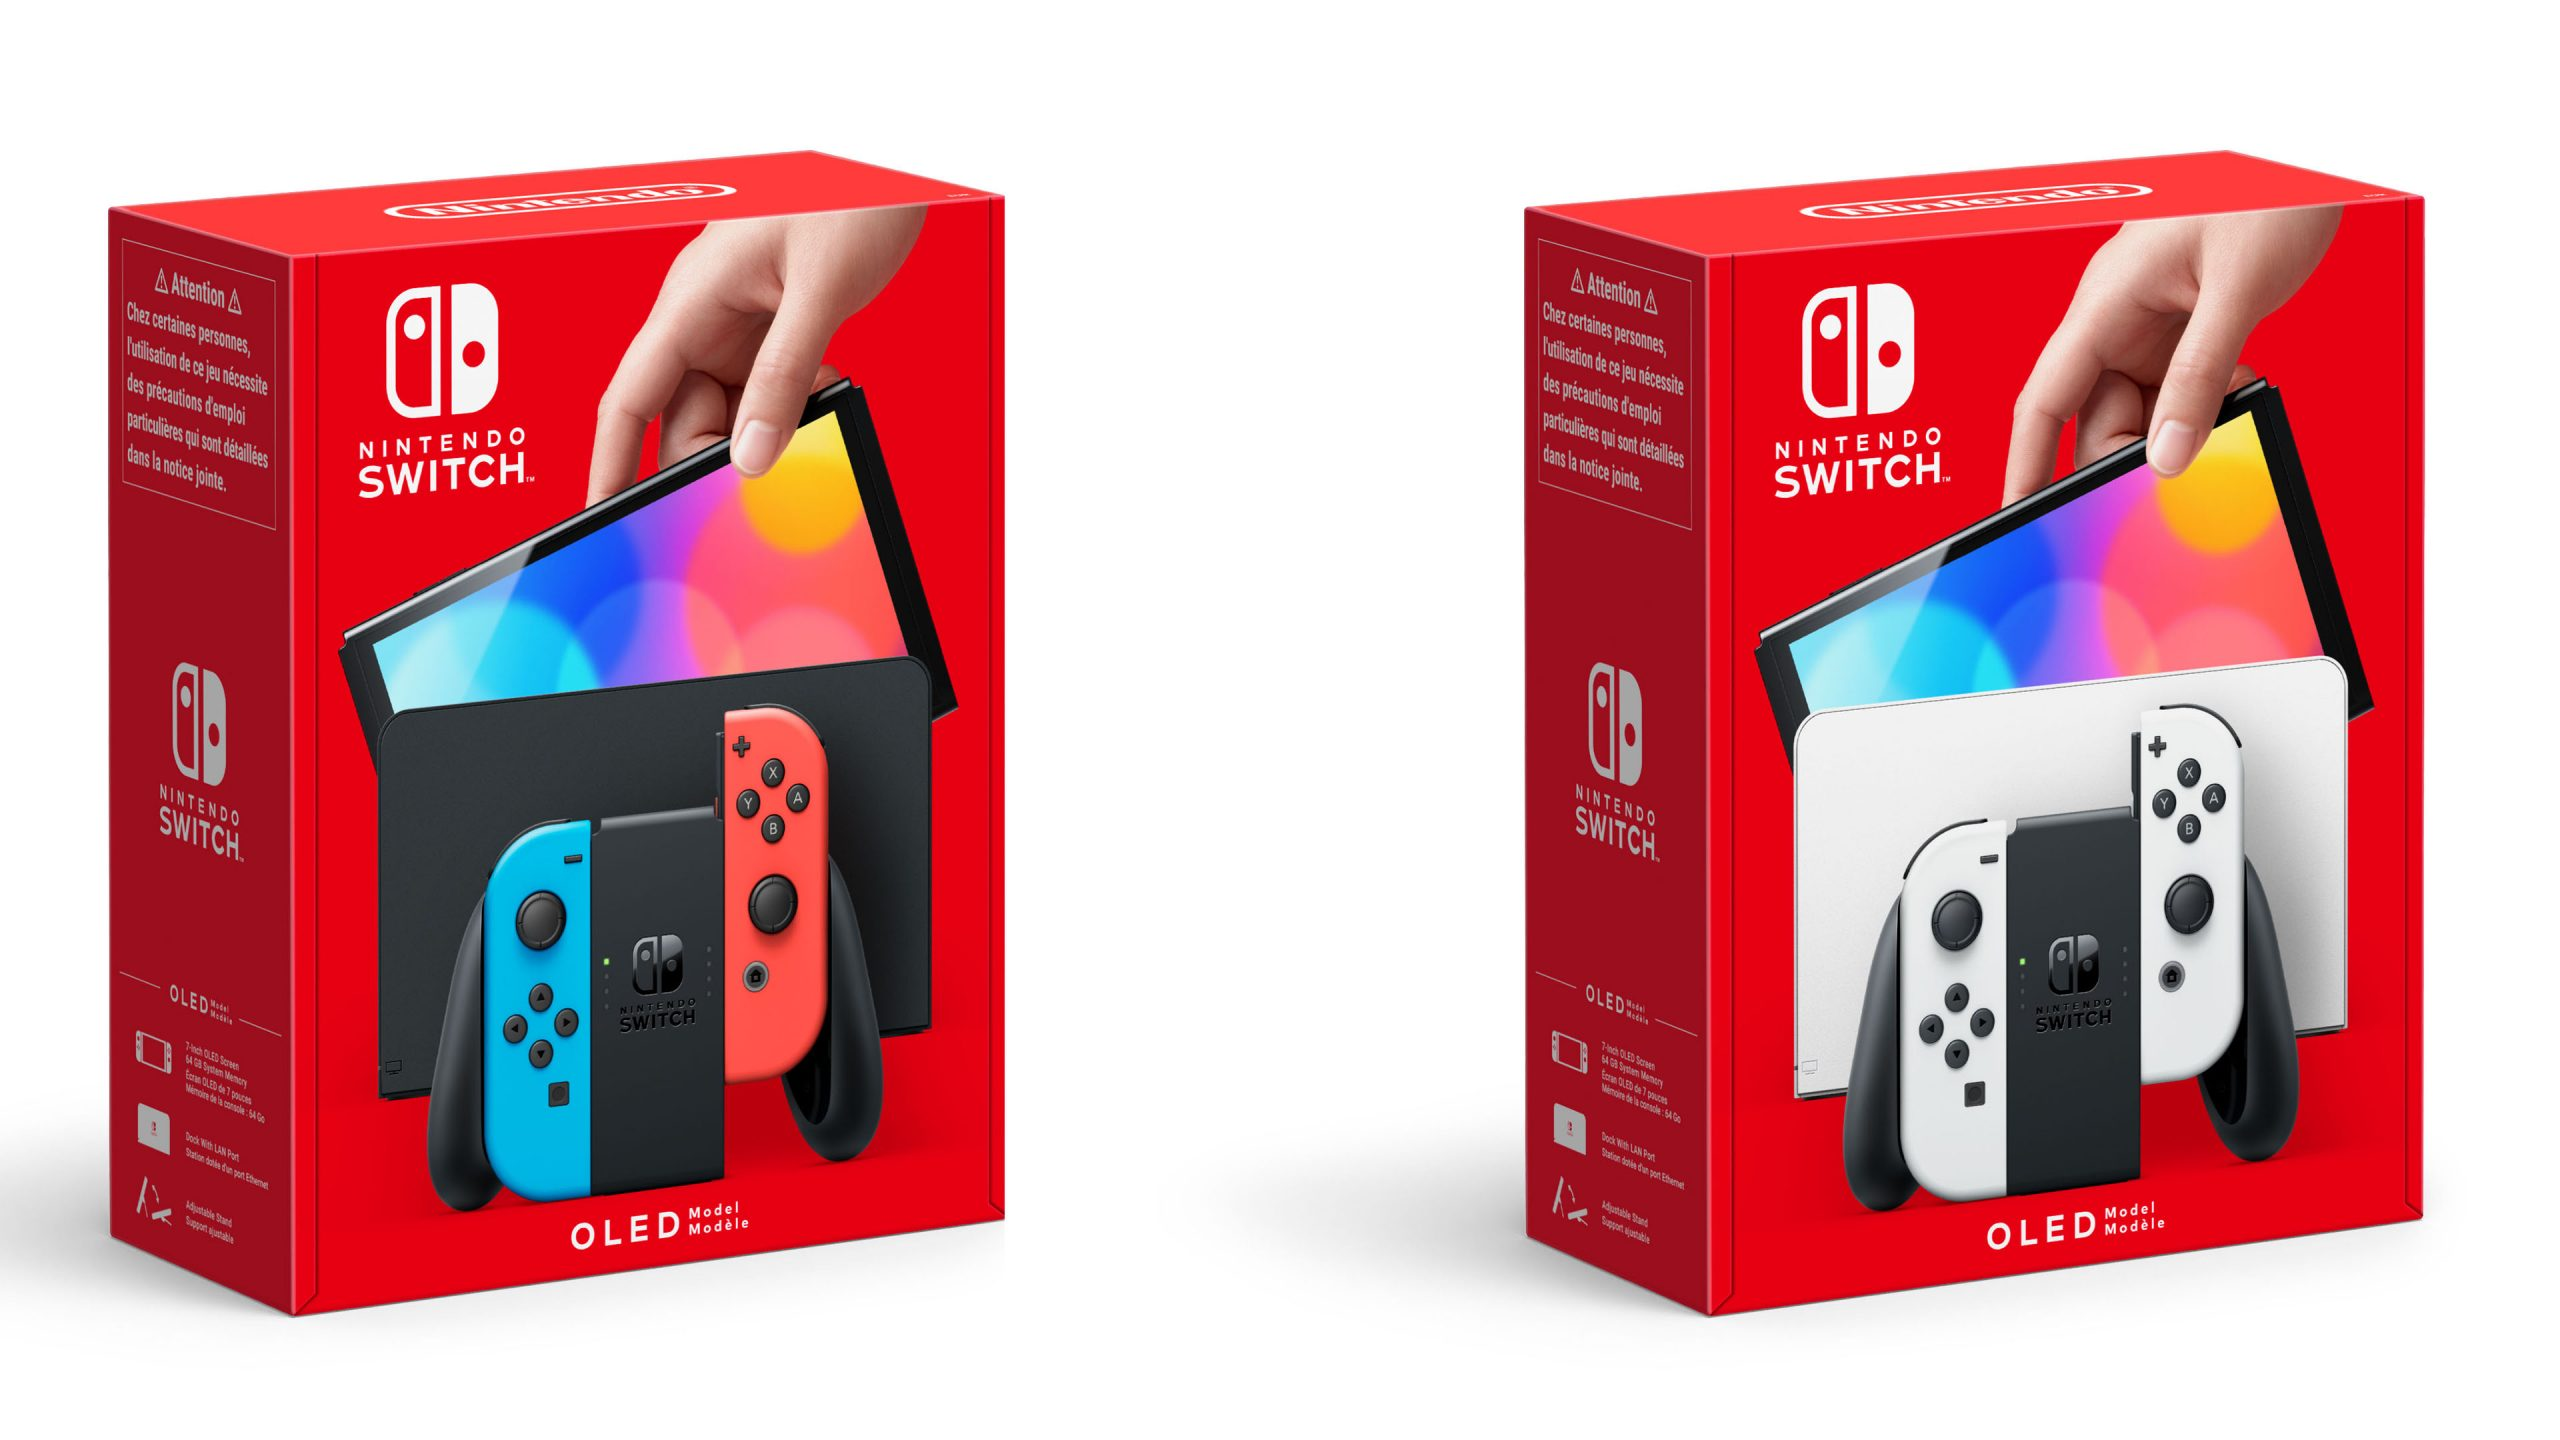 Nintendo Switch OLED (4)